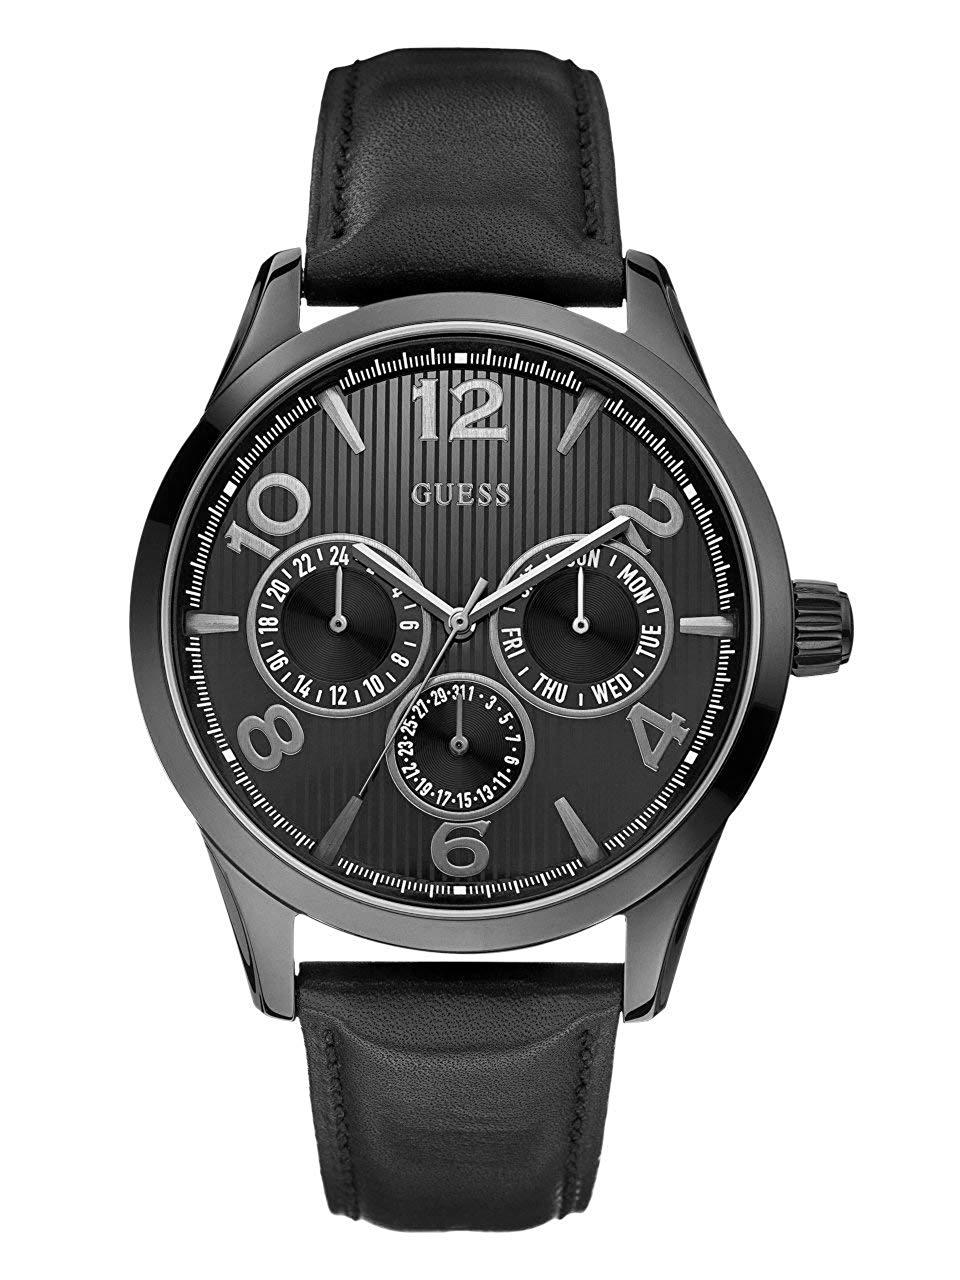 ゲス GUESS 腕時計 メンズ GUESS Factory Men's Black-Tone Multifunction Watchゲス GUESS 腕時計 メンズ